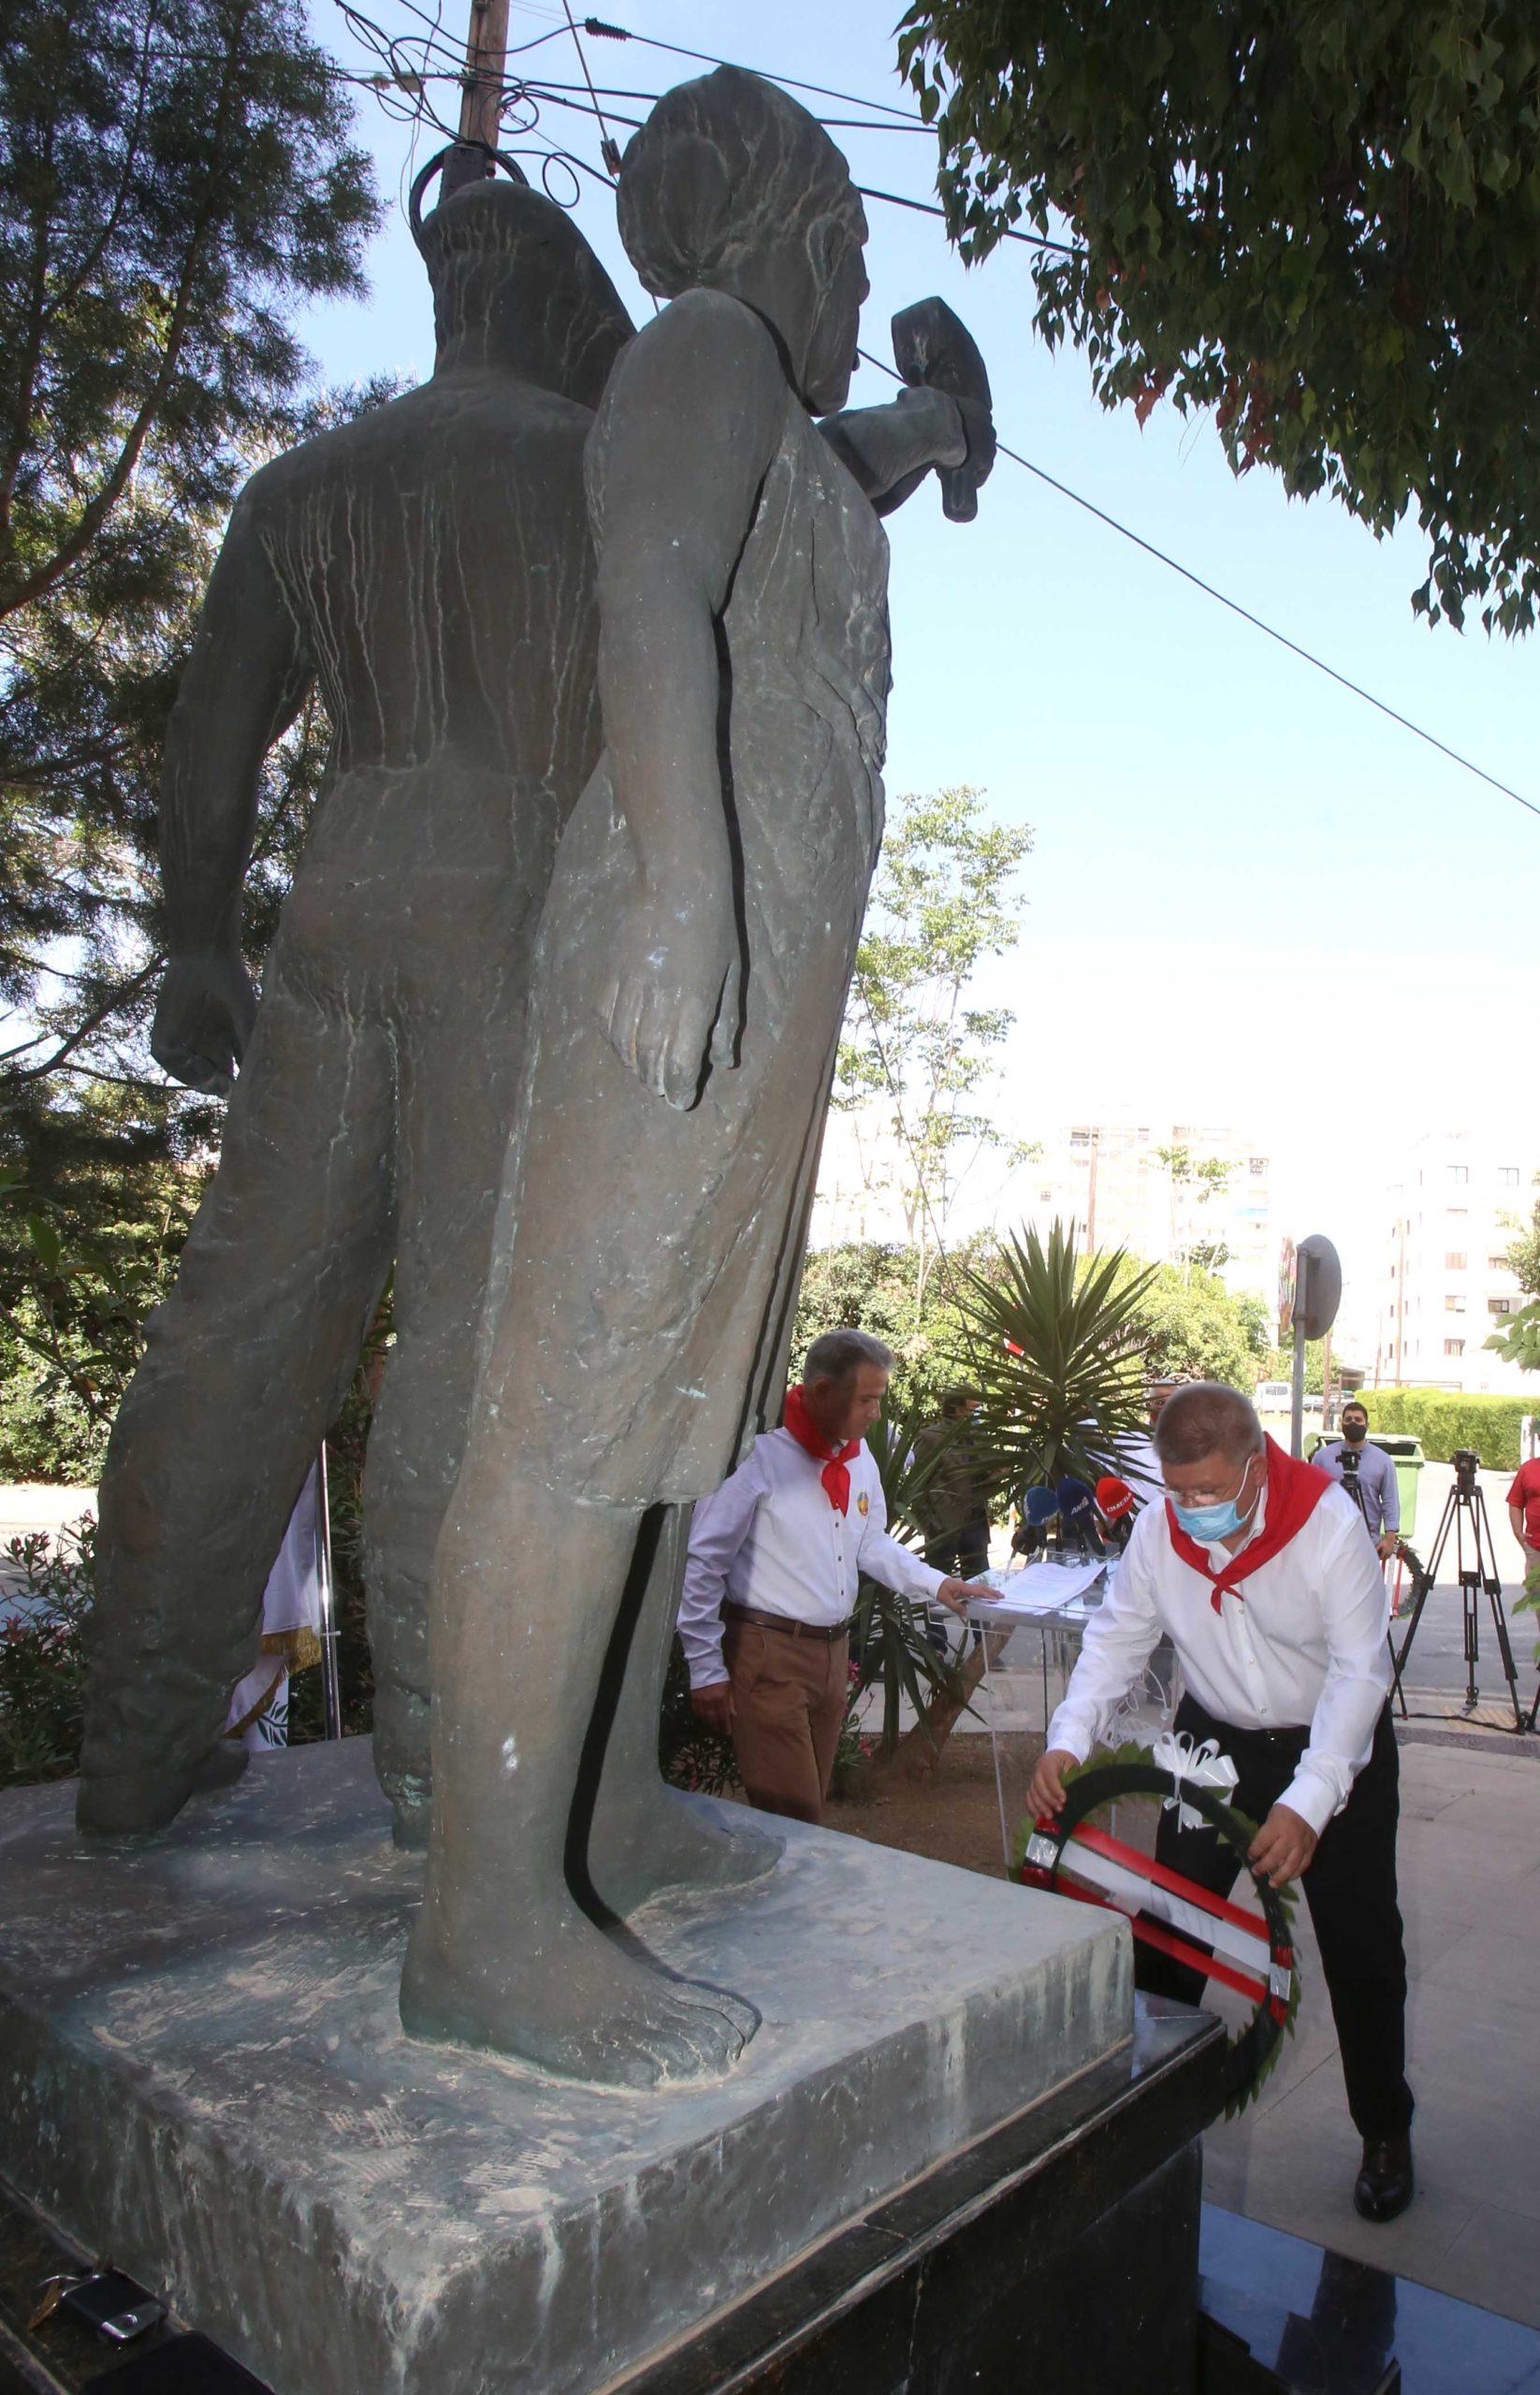 ΠΕΟ Συμβολική εκδήλωση για την Εργατική Πρωτομαγιά PROTOMAGIA PEO AKEL 13 scaled